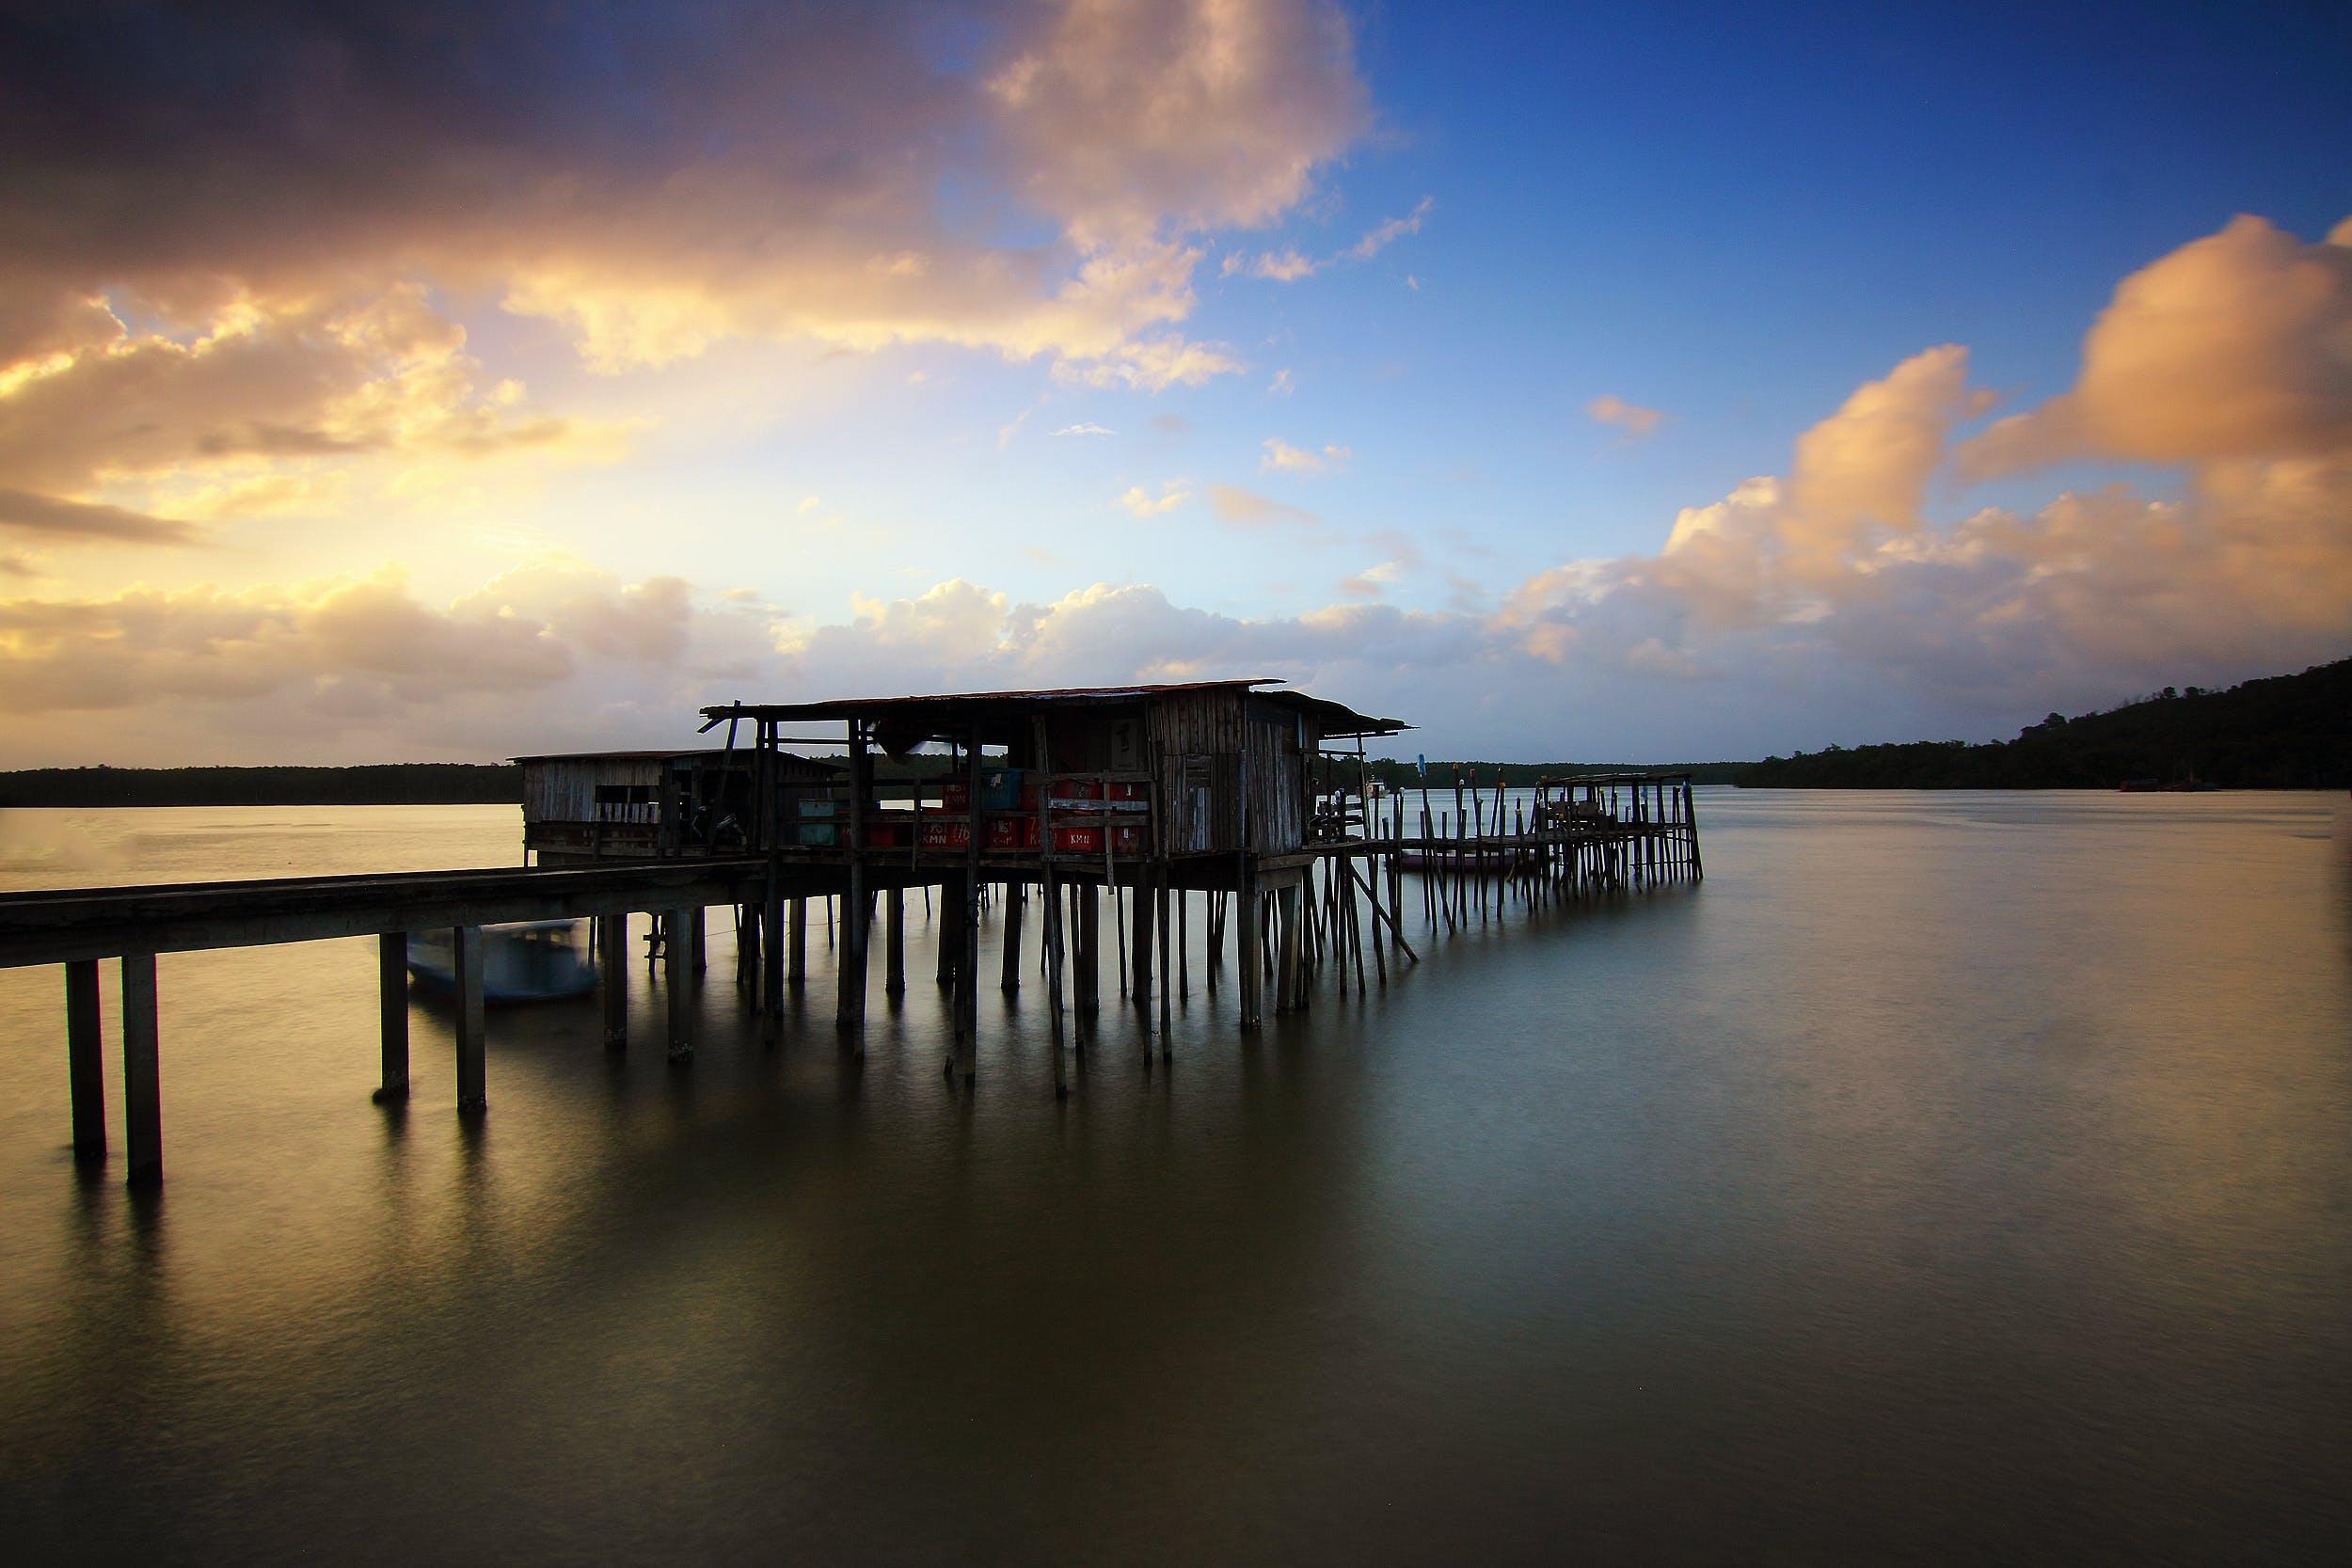 ビーチ, ブリッジ, ボート, 夕方の無料の写真素材